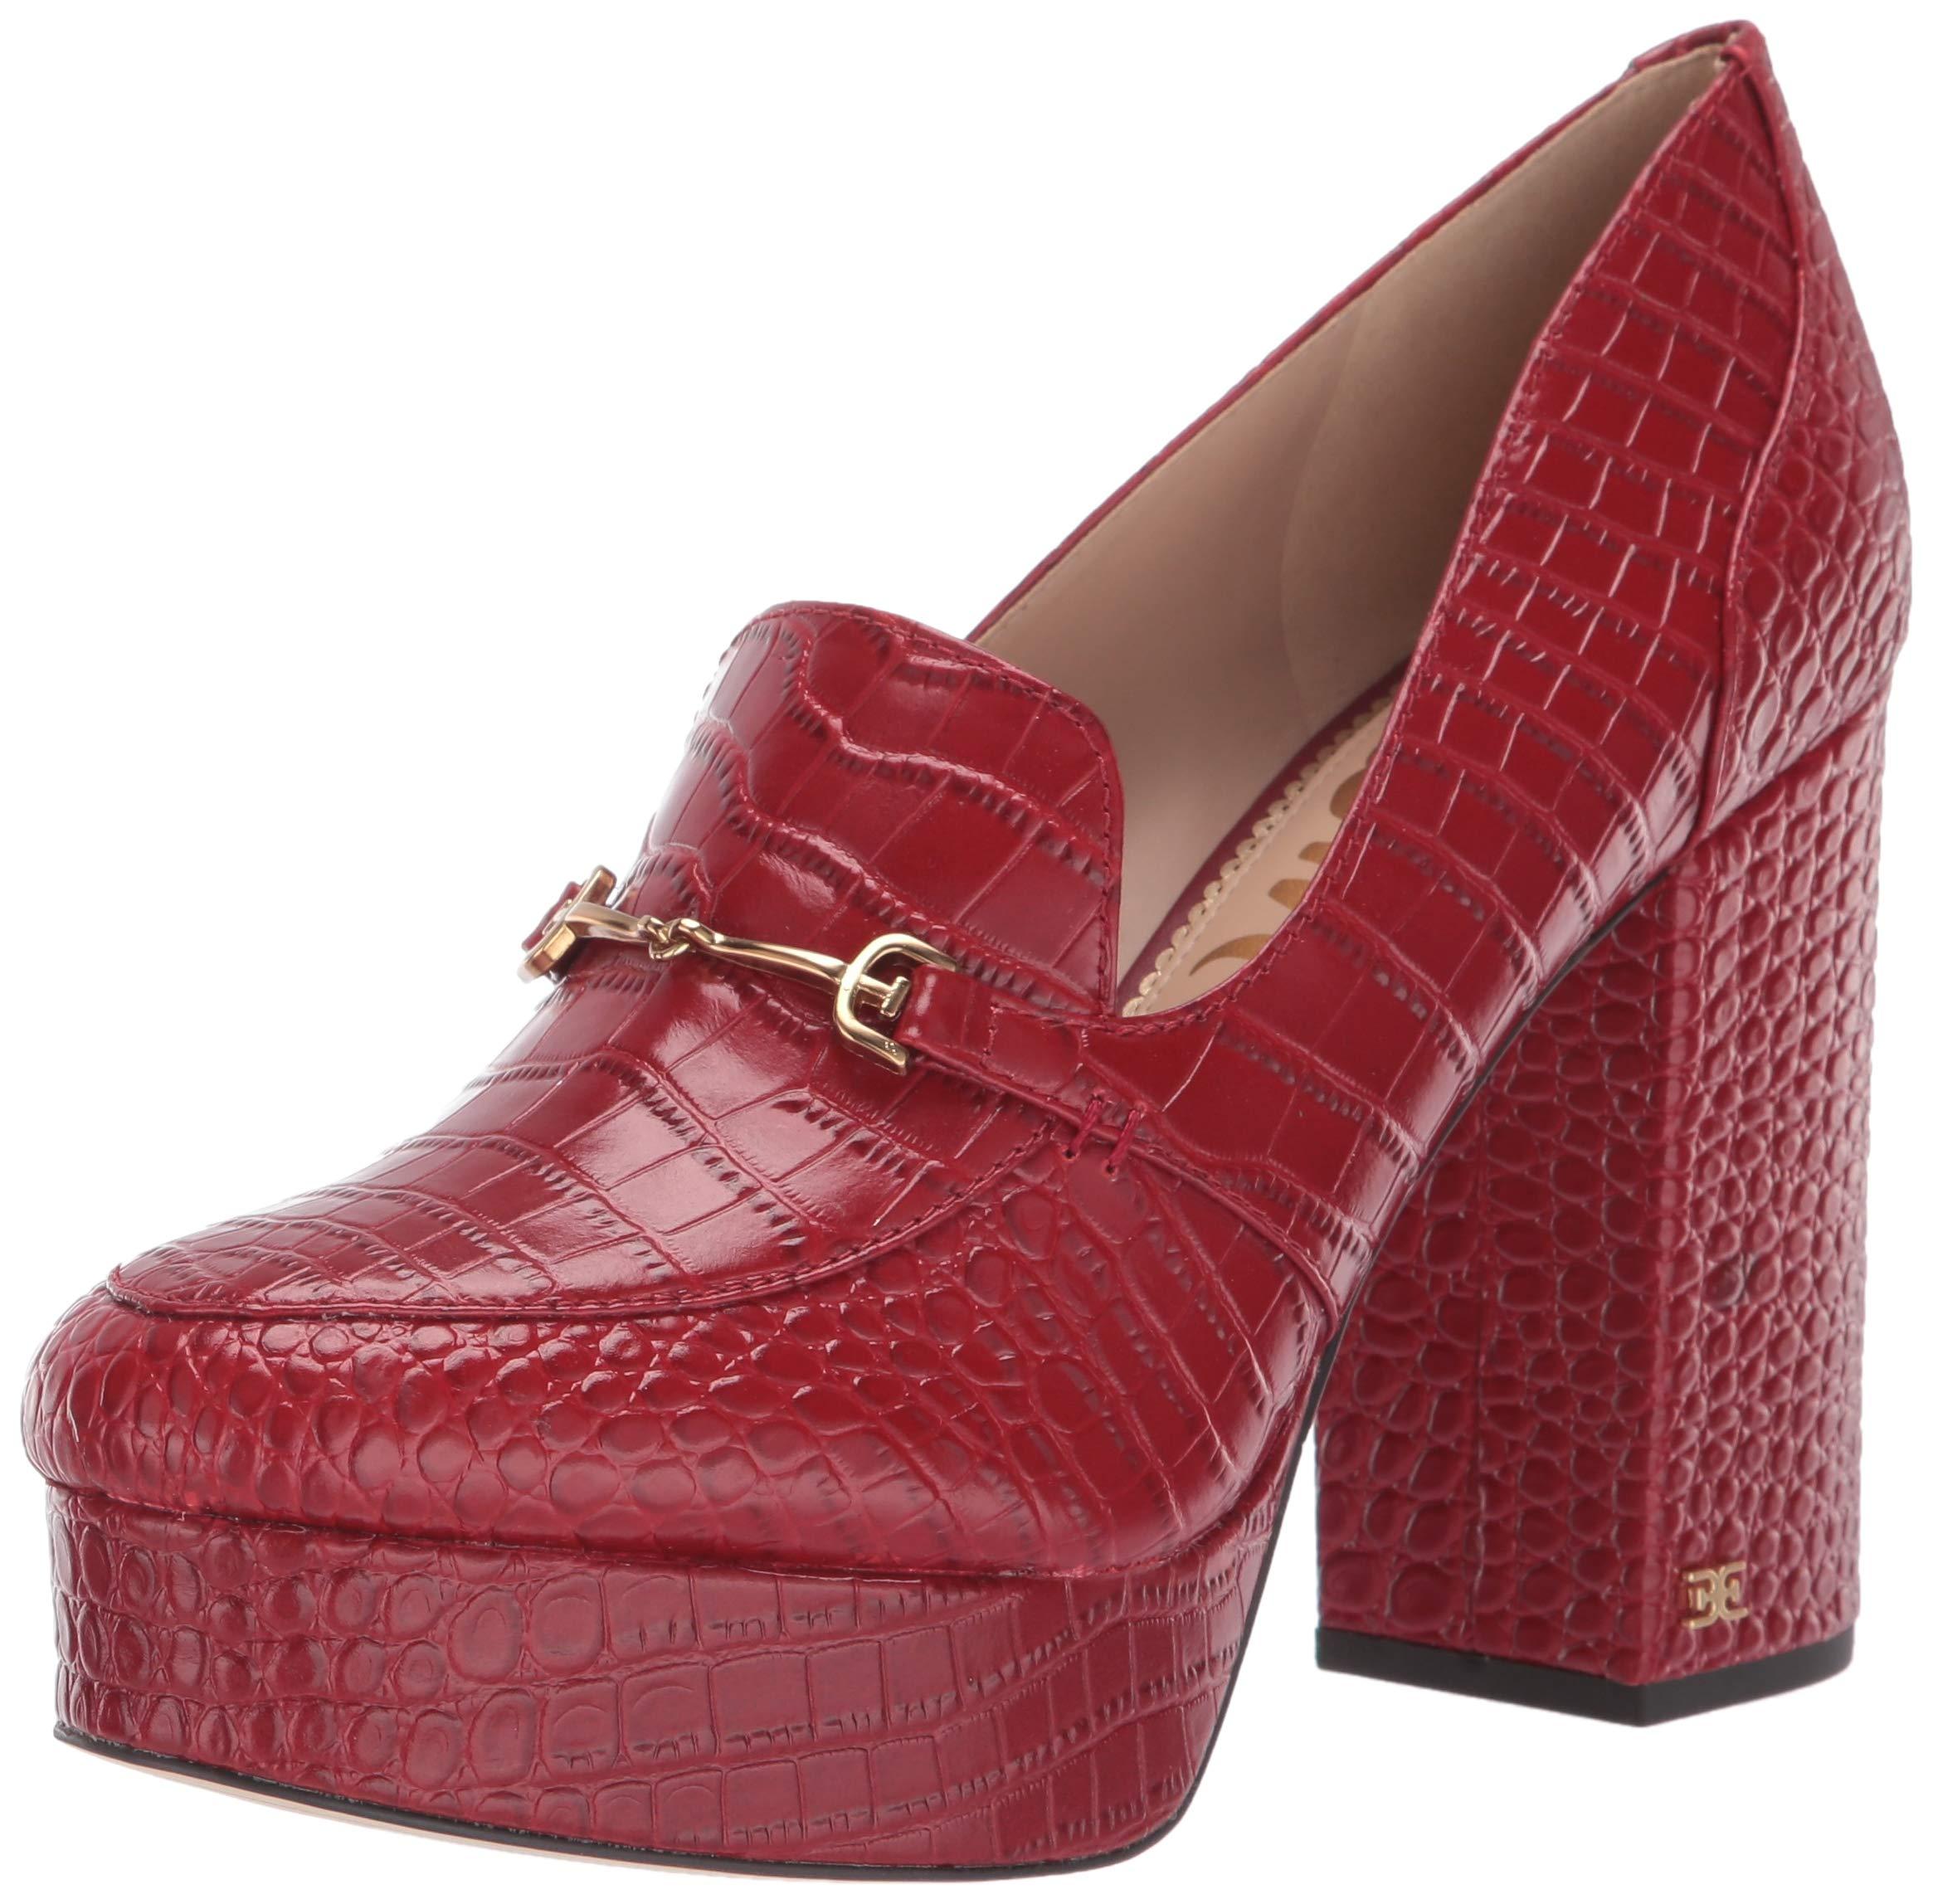 Sam Edelman Womens Aretha Spiced Mahogany Kenya Croco Leather 6.5 M by Sam Edelman